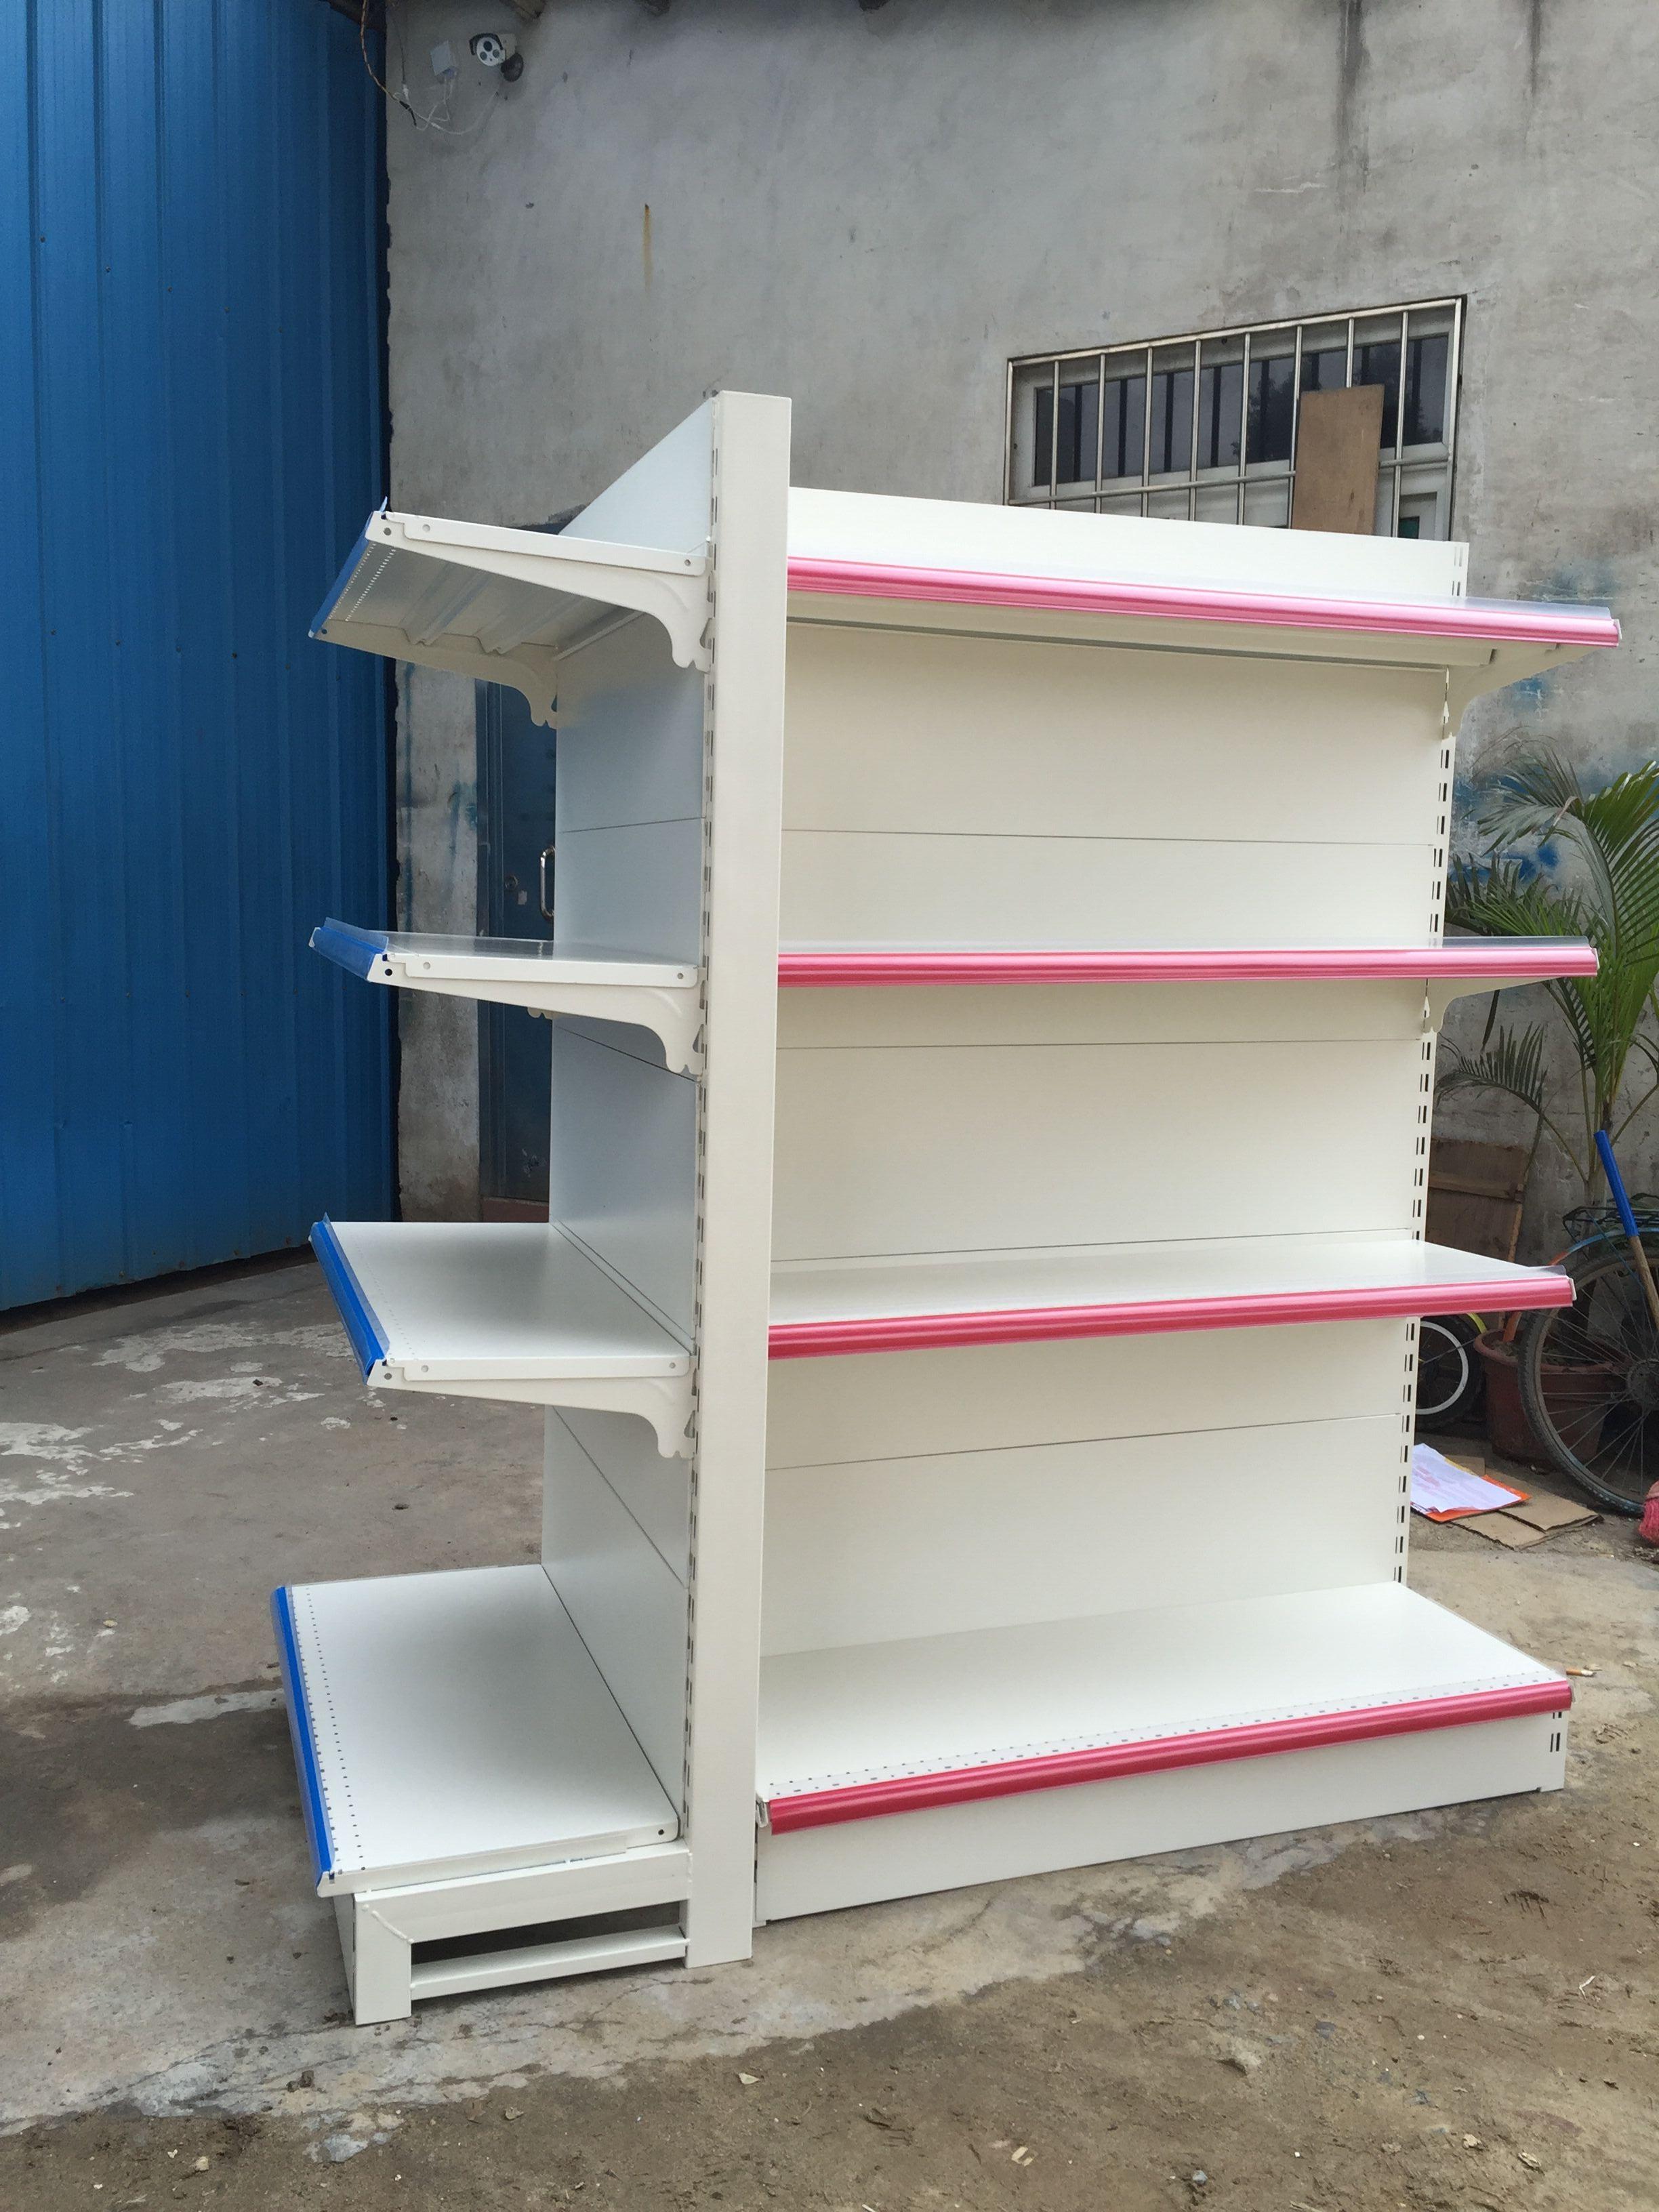 广州超市货架批发便利店药店货架展示架商超大型货架厂家直销